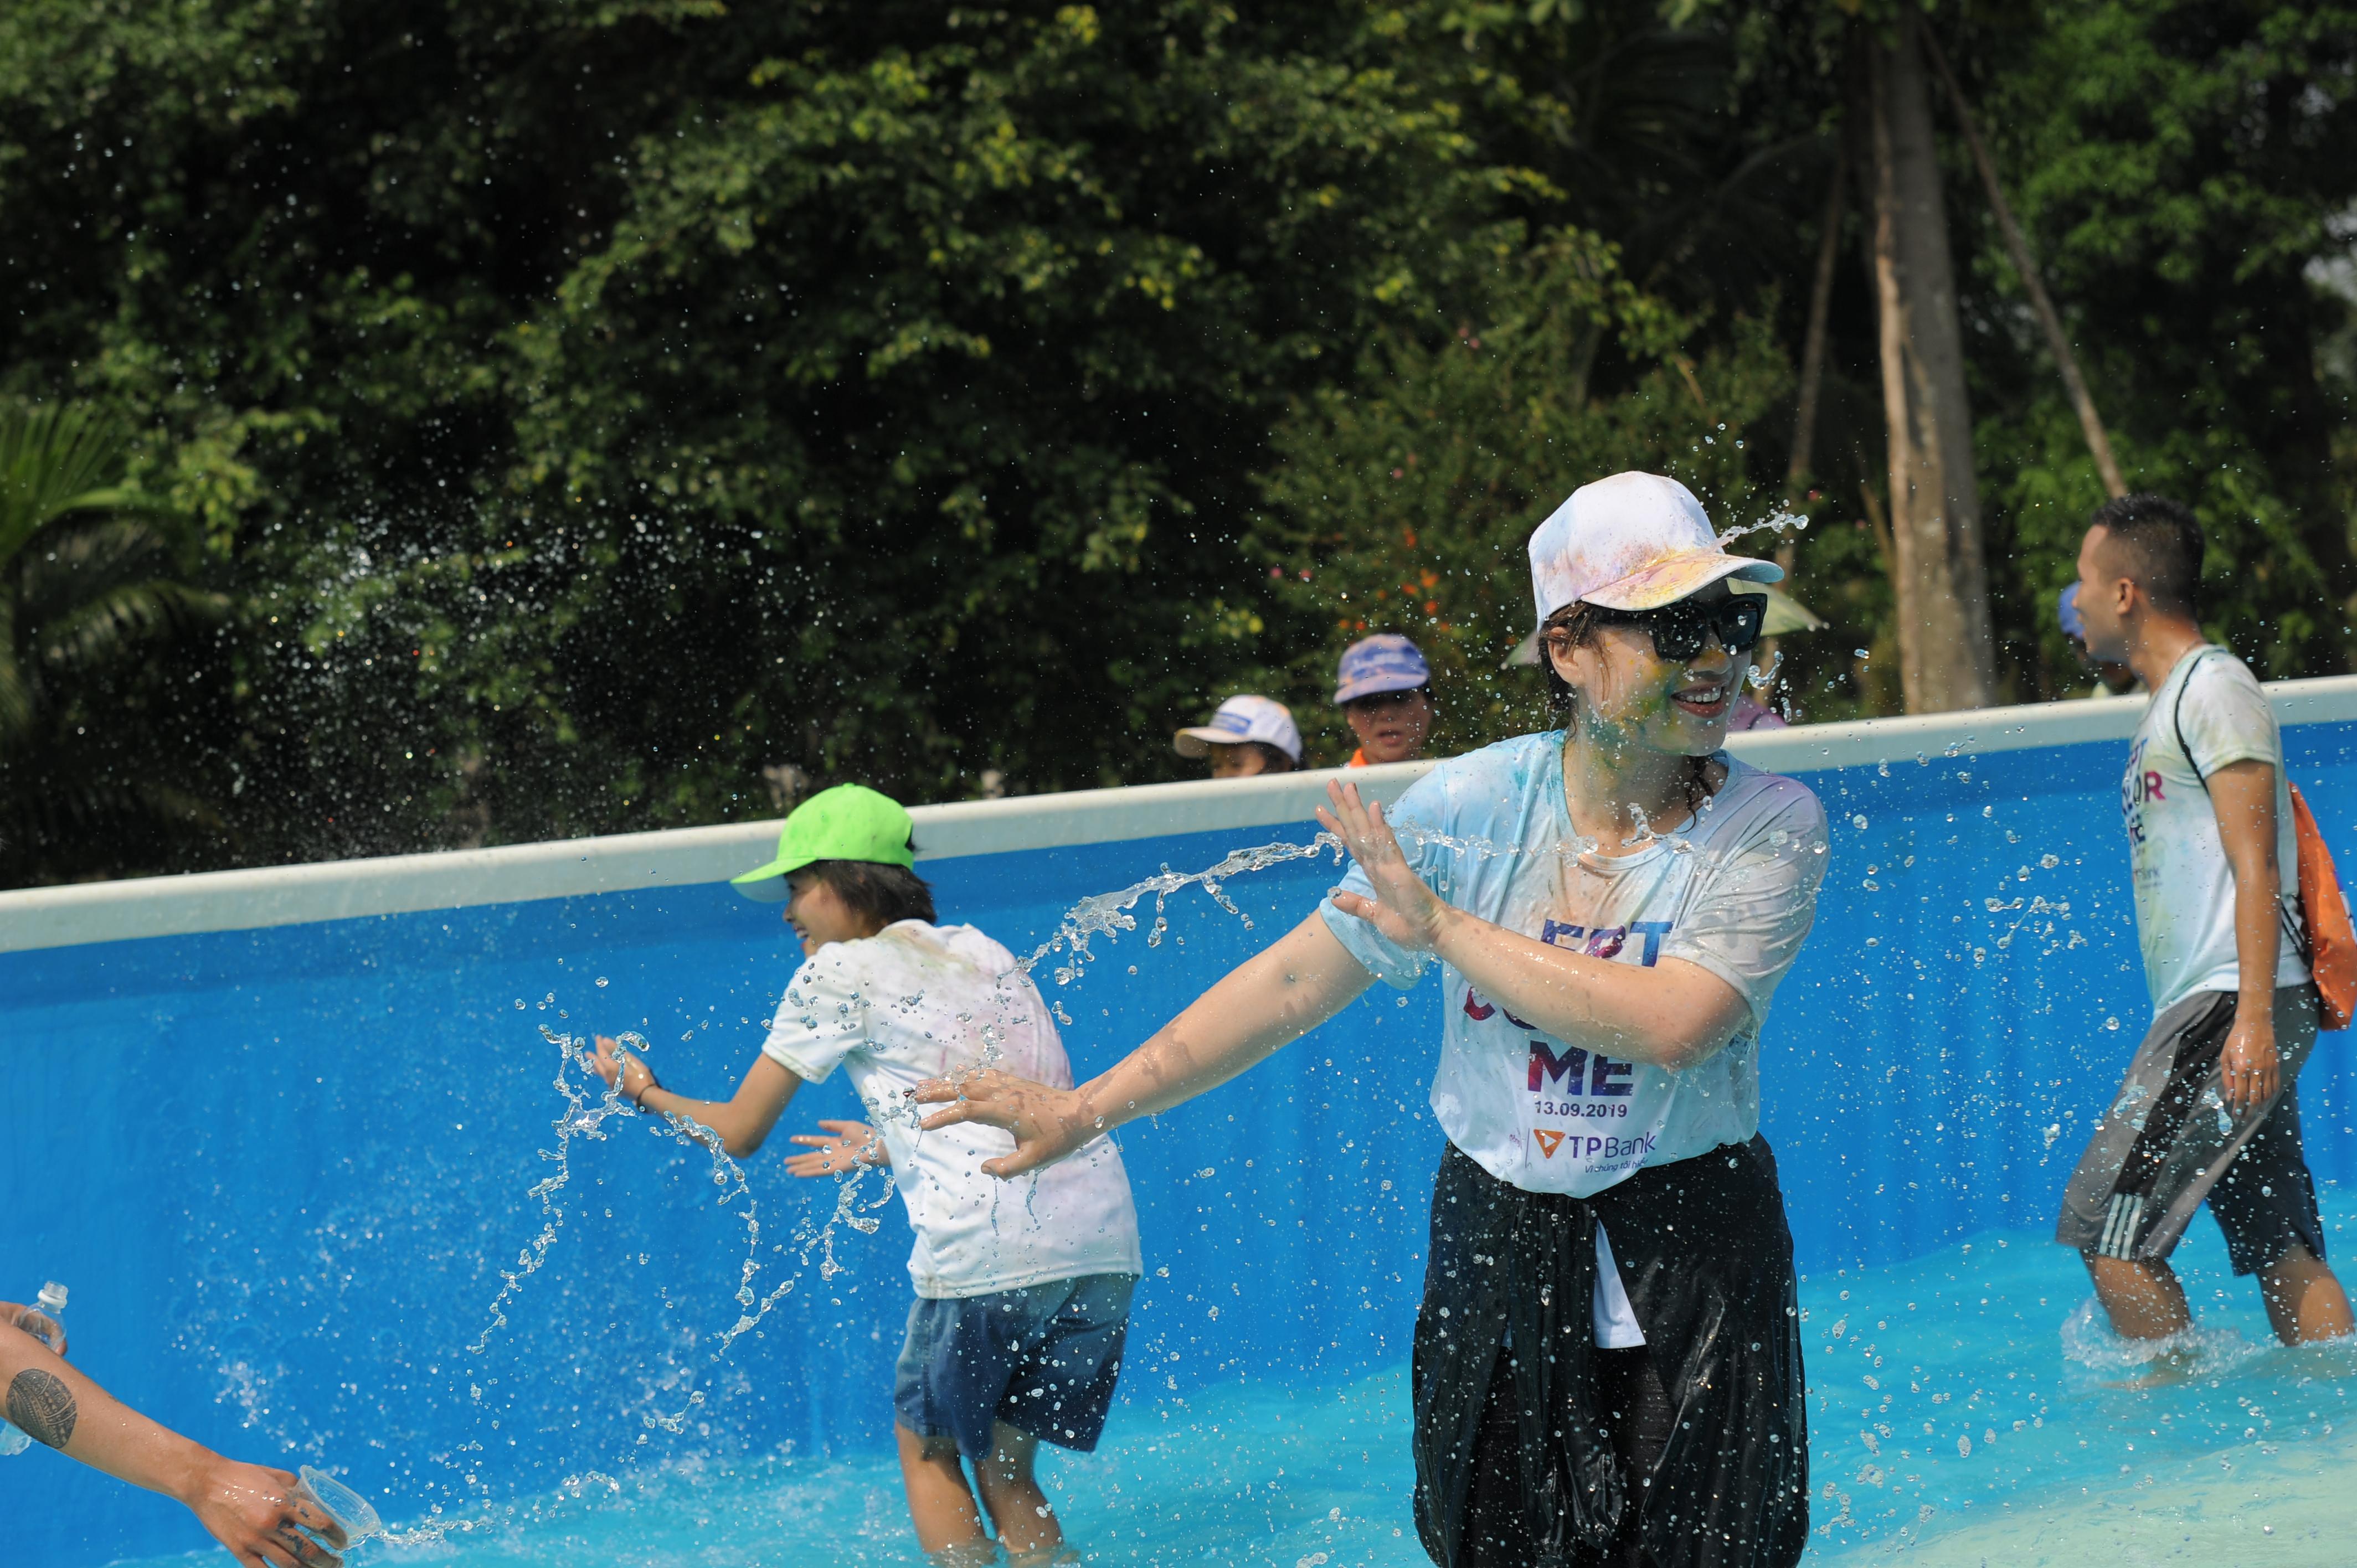 Thử thách qua bể nước khổng lồ khiến nhiều người thích thú dù bị ướt nhẹp.